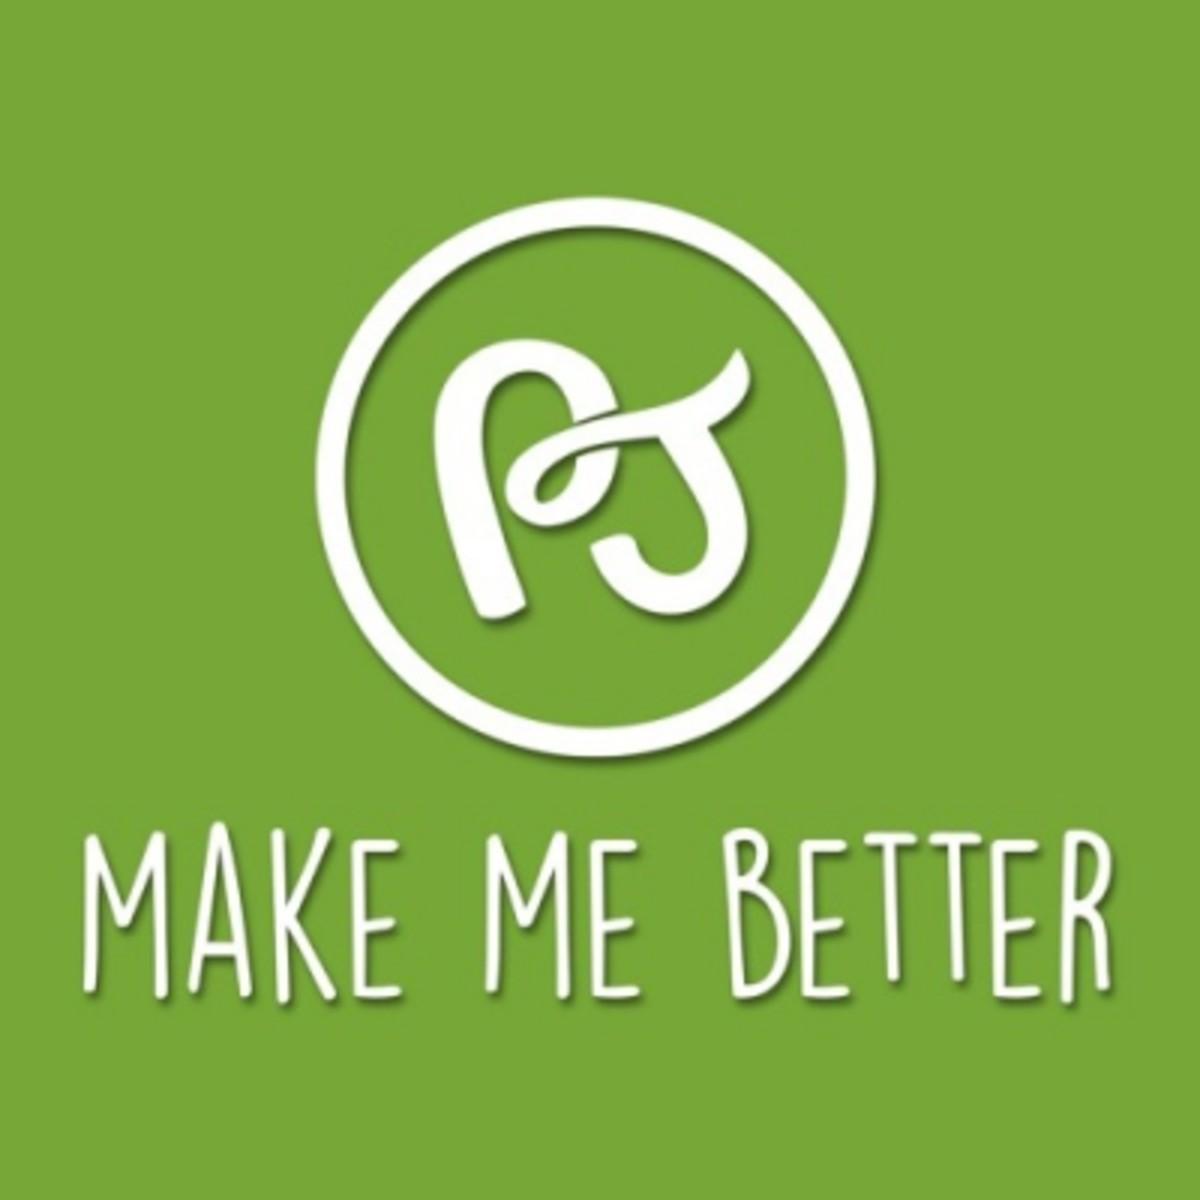 pj-make-me-better.jpg